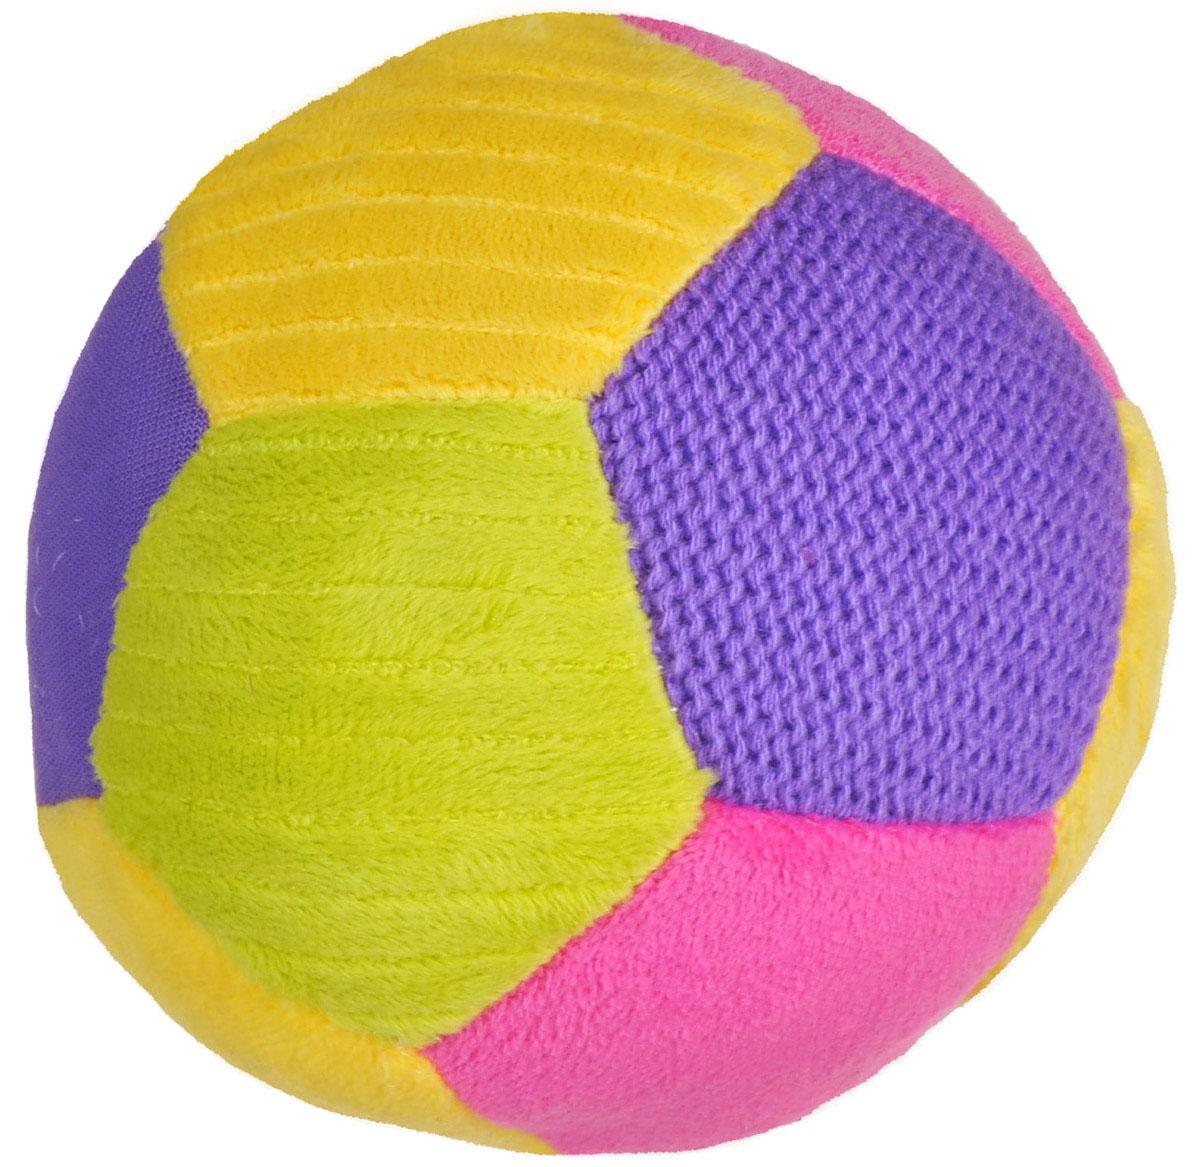 BabyOno Мягкая игрушка-погремушка Мячик цвет сиреневый розовый салатовый babyono мягкая кукла лили цвет коралловый